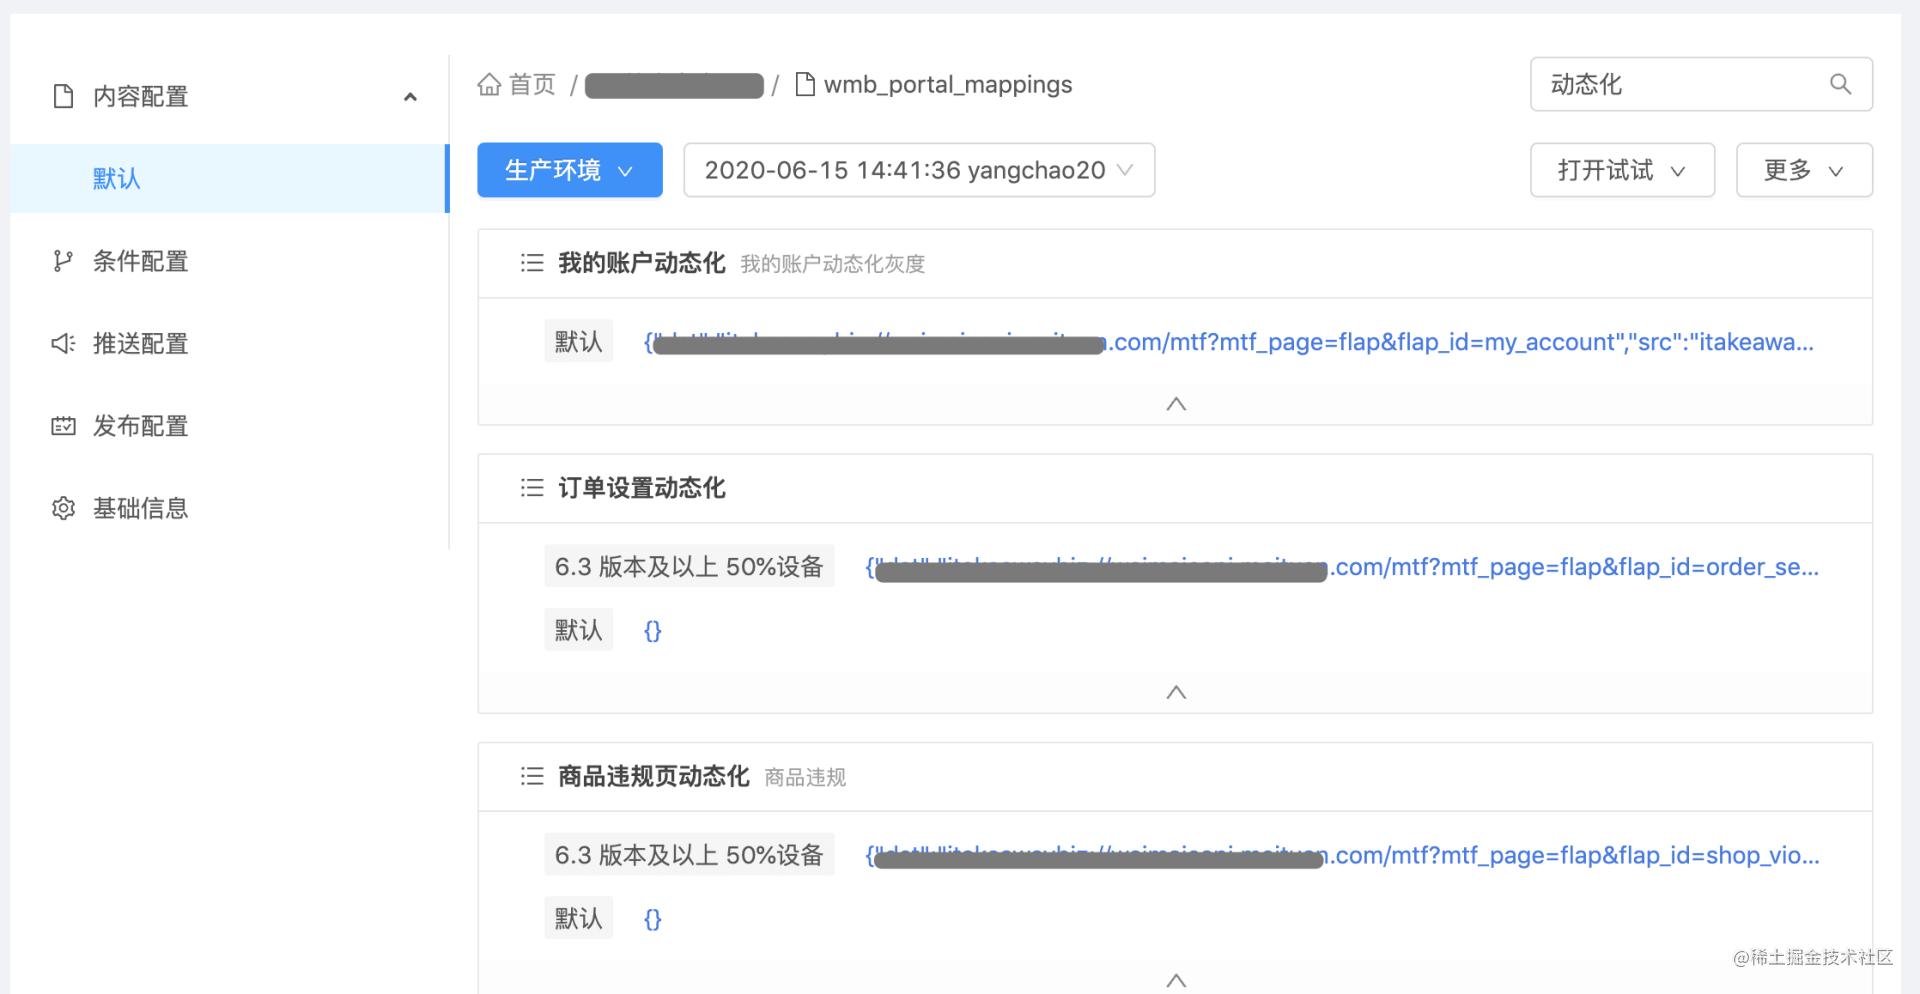 图14 URL 动态替换与条件配置